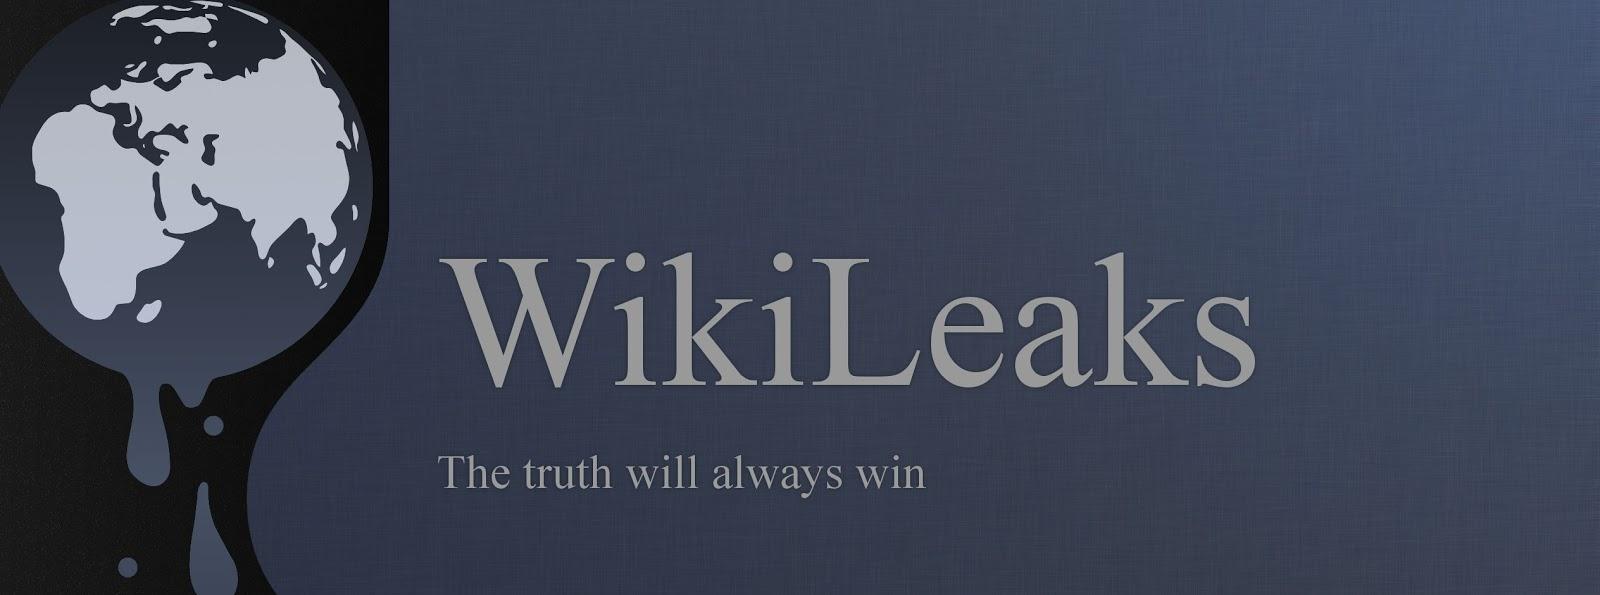 wikileaks - photo #7